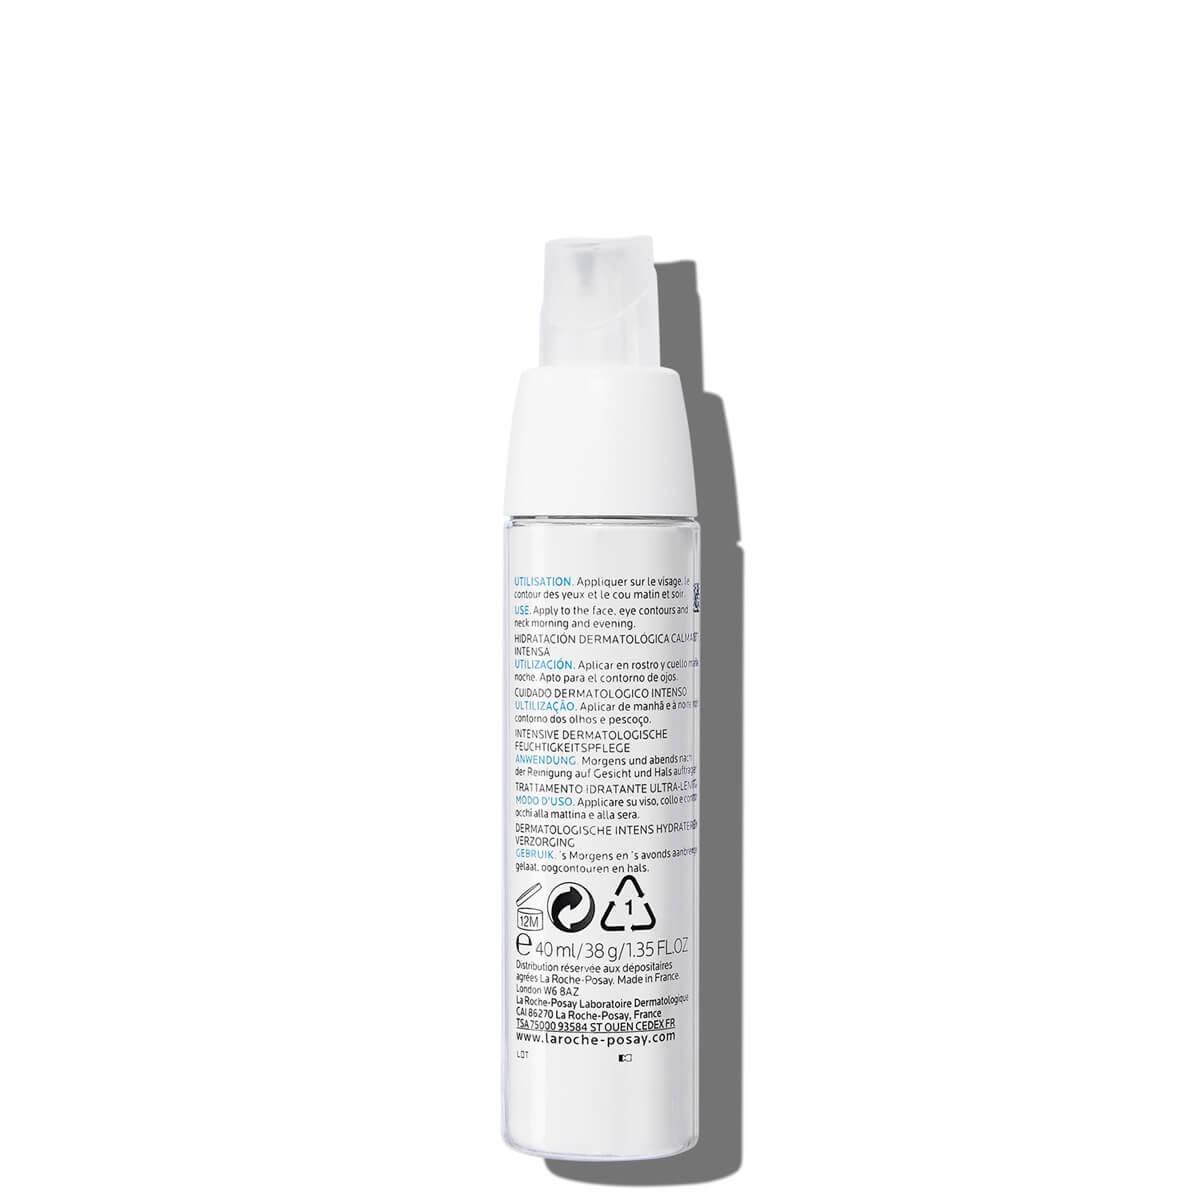 La Roche Posay ProduktSide Sensitiv Tendens til allergi Toleriane Ultra 40ml 333